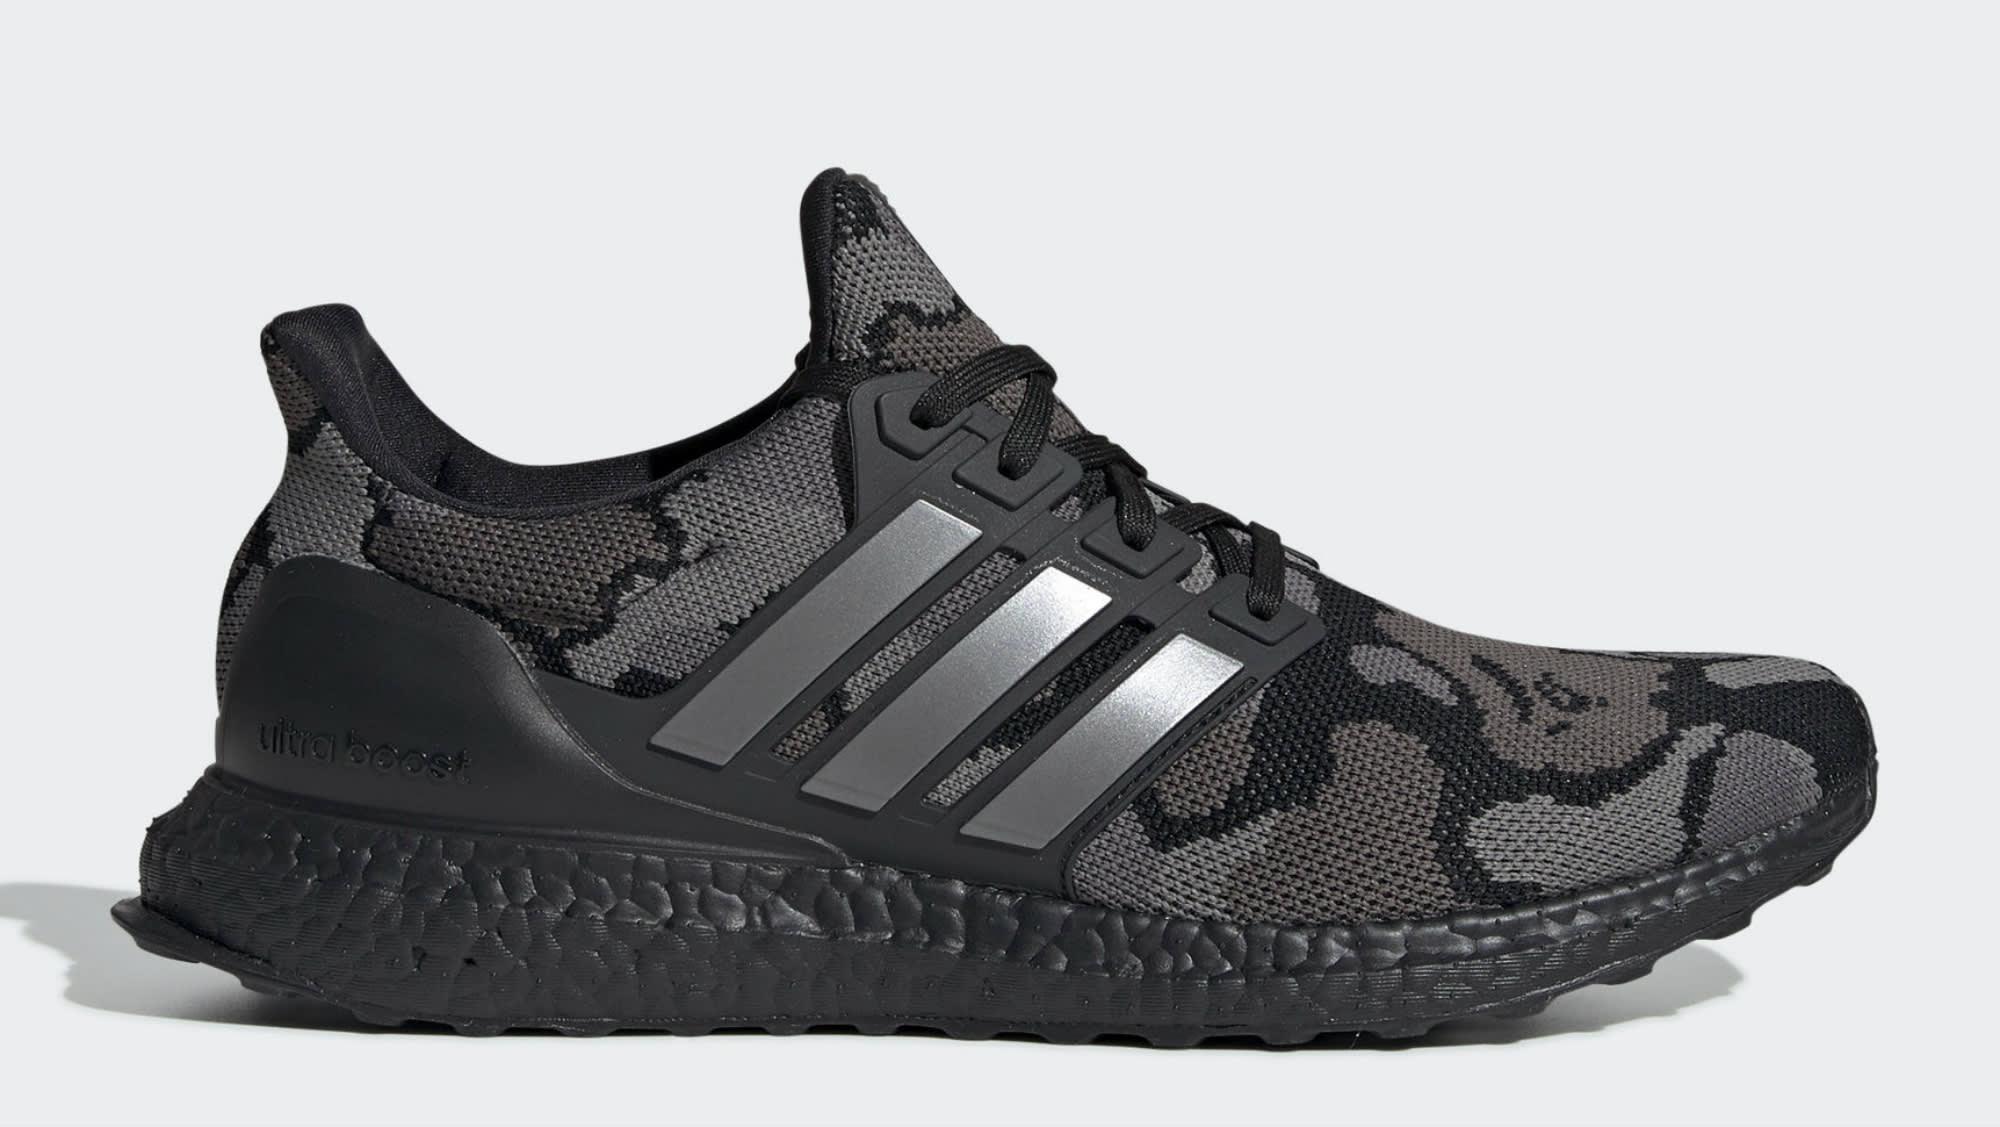 bape-adidas-ultra-boost-black-g54784-release-date